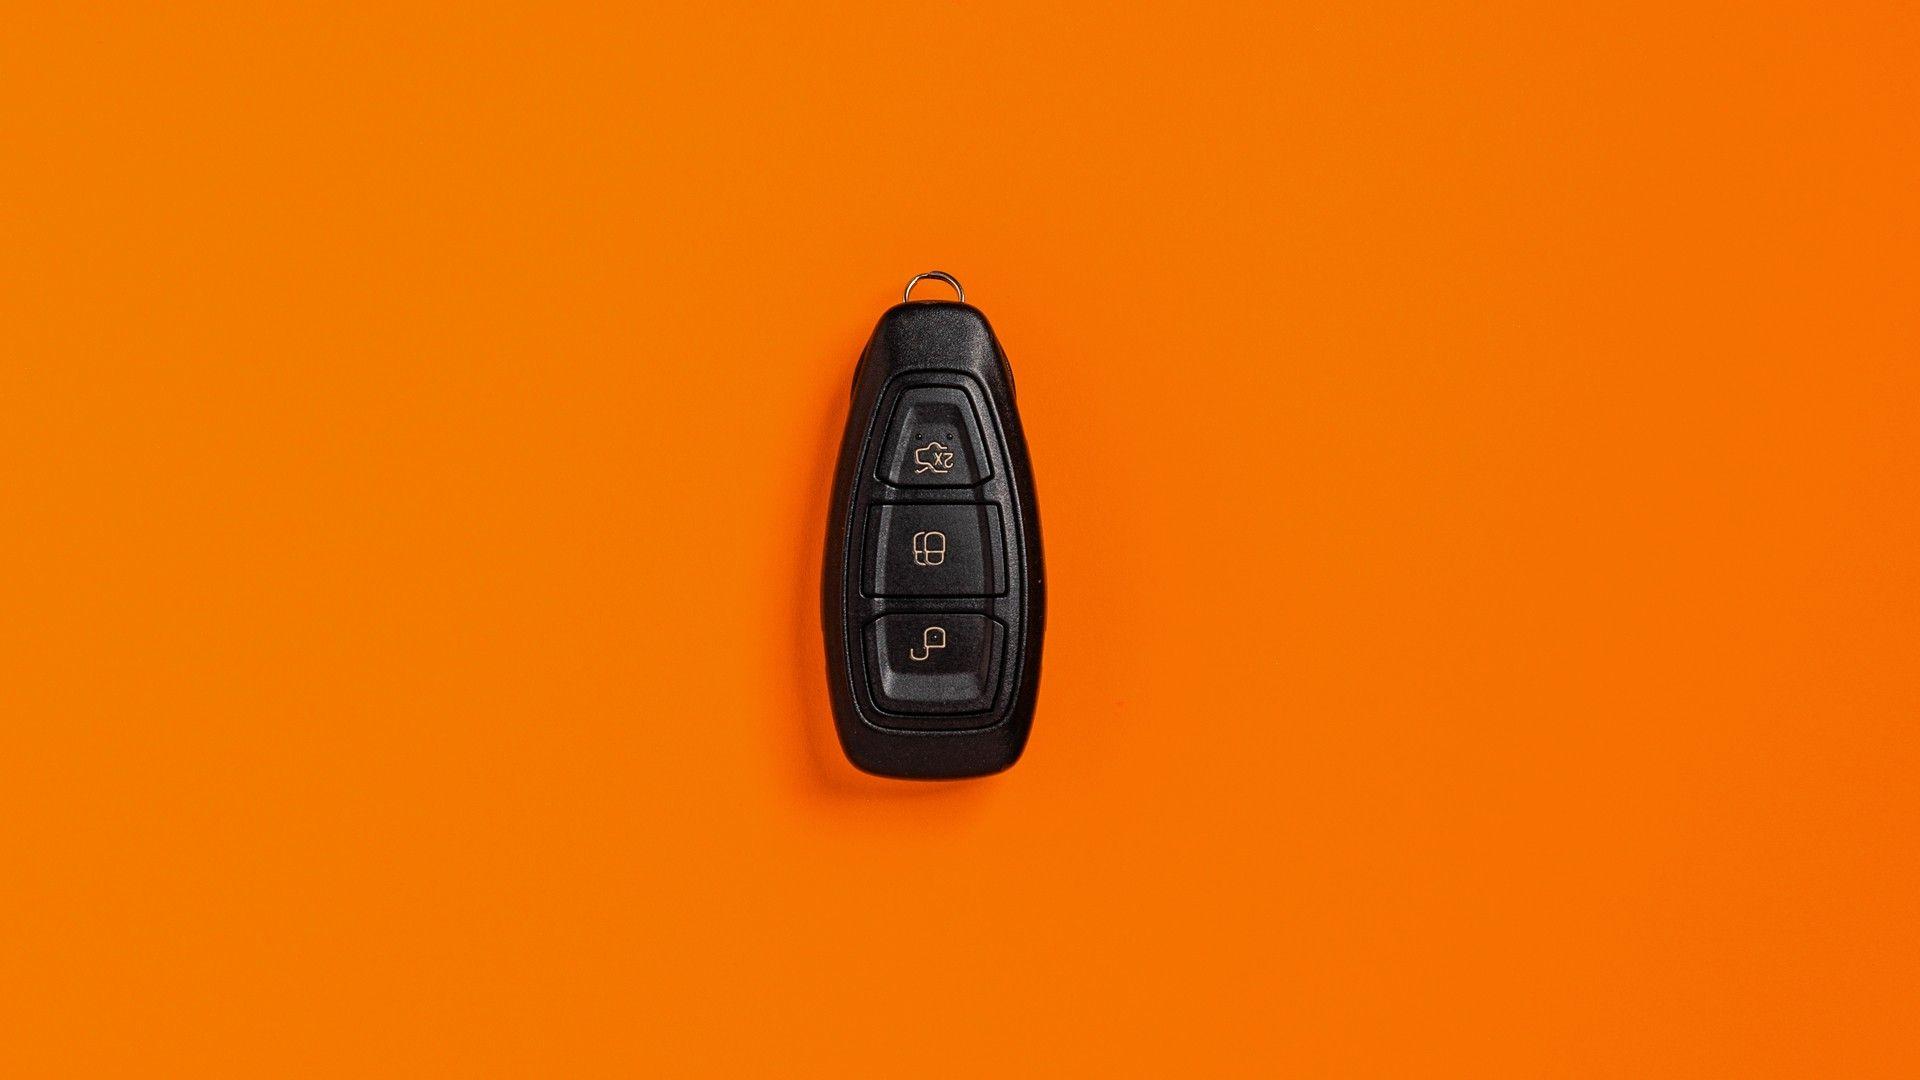 Controle de alarme automotivo em fundo laranja